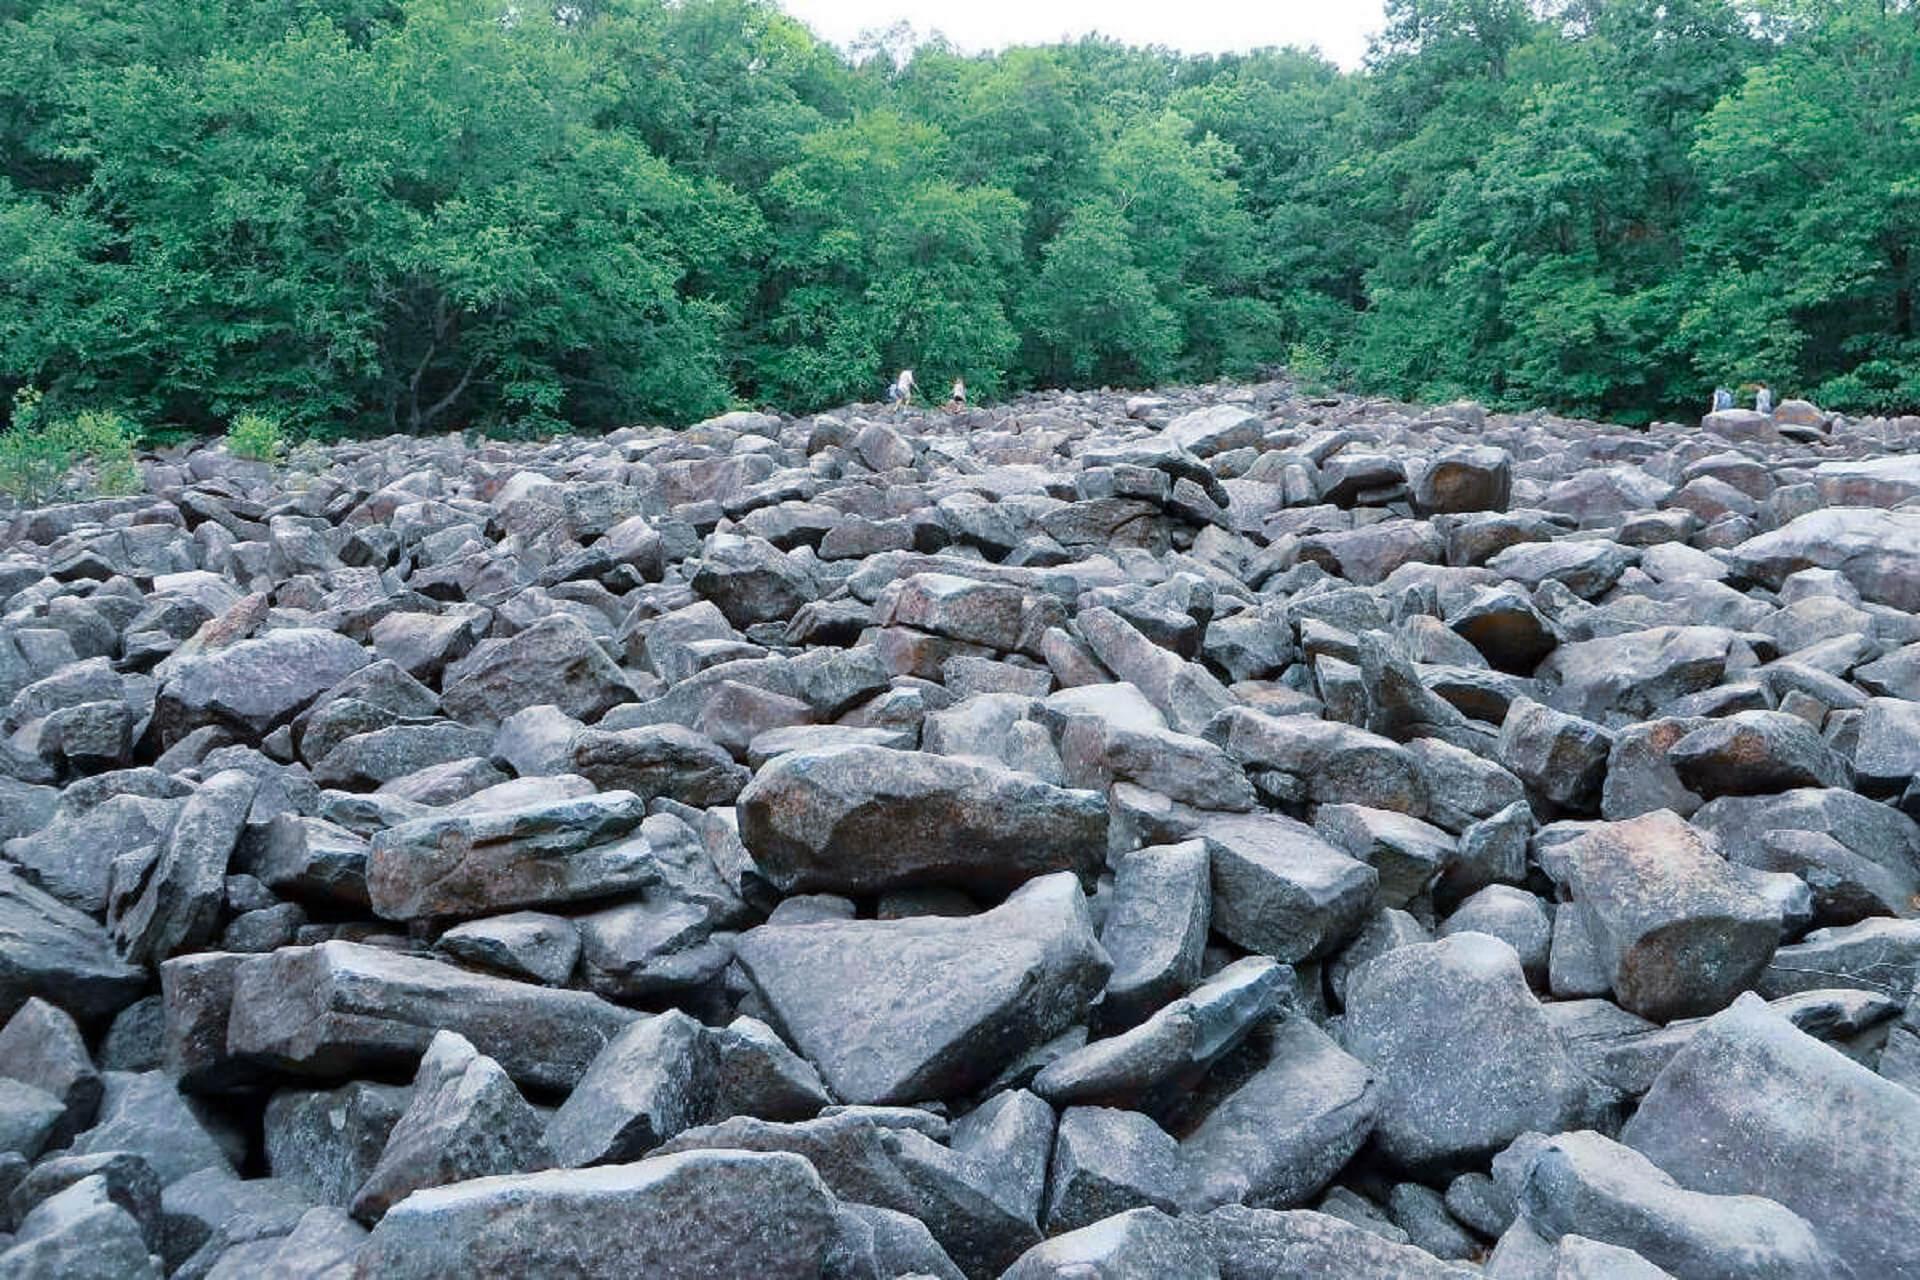 Unusual stones in Pennsylvania